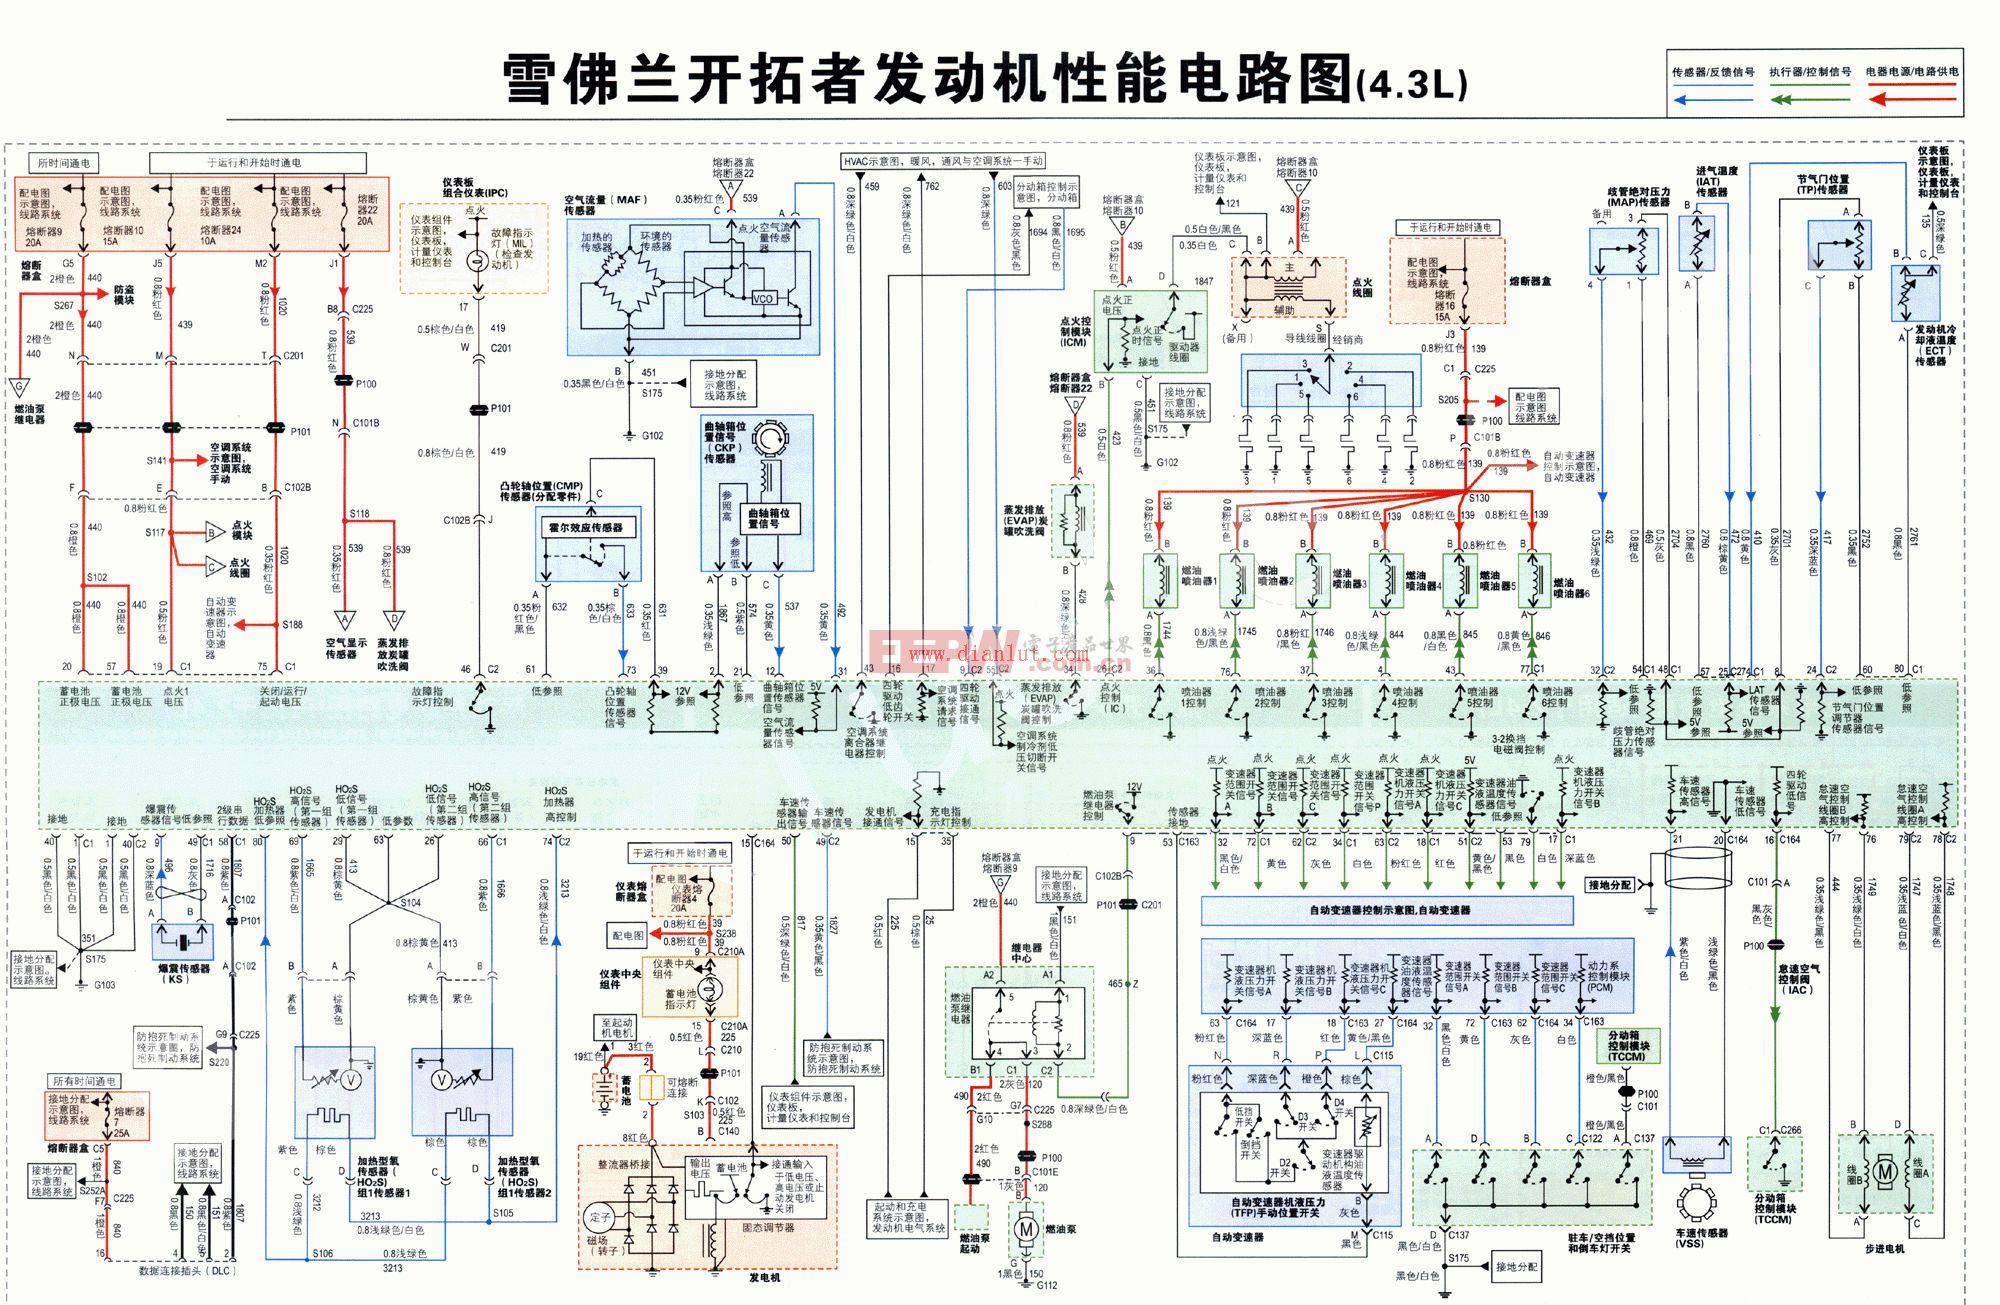 雪佛兰开拓者汽车发动机性能电路 4.3L高清图片